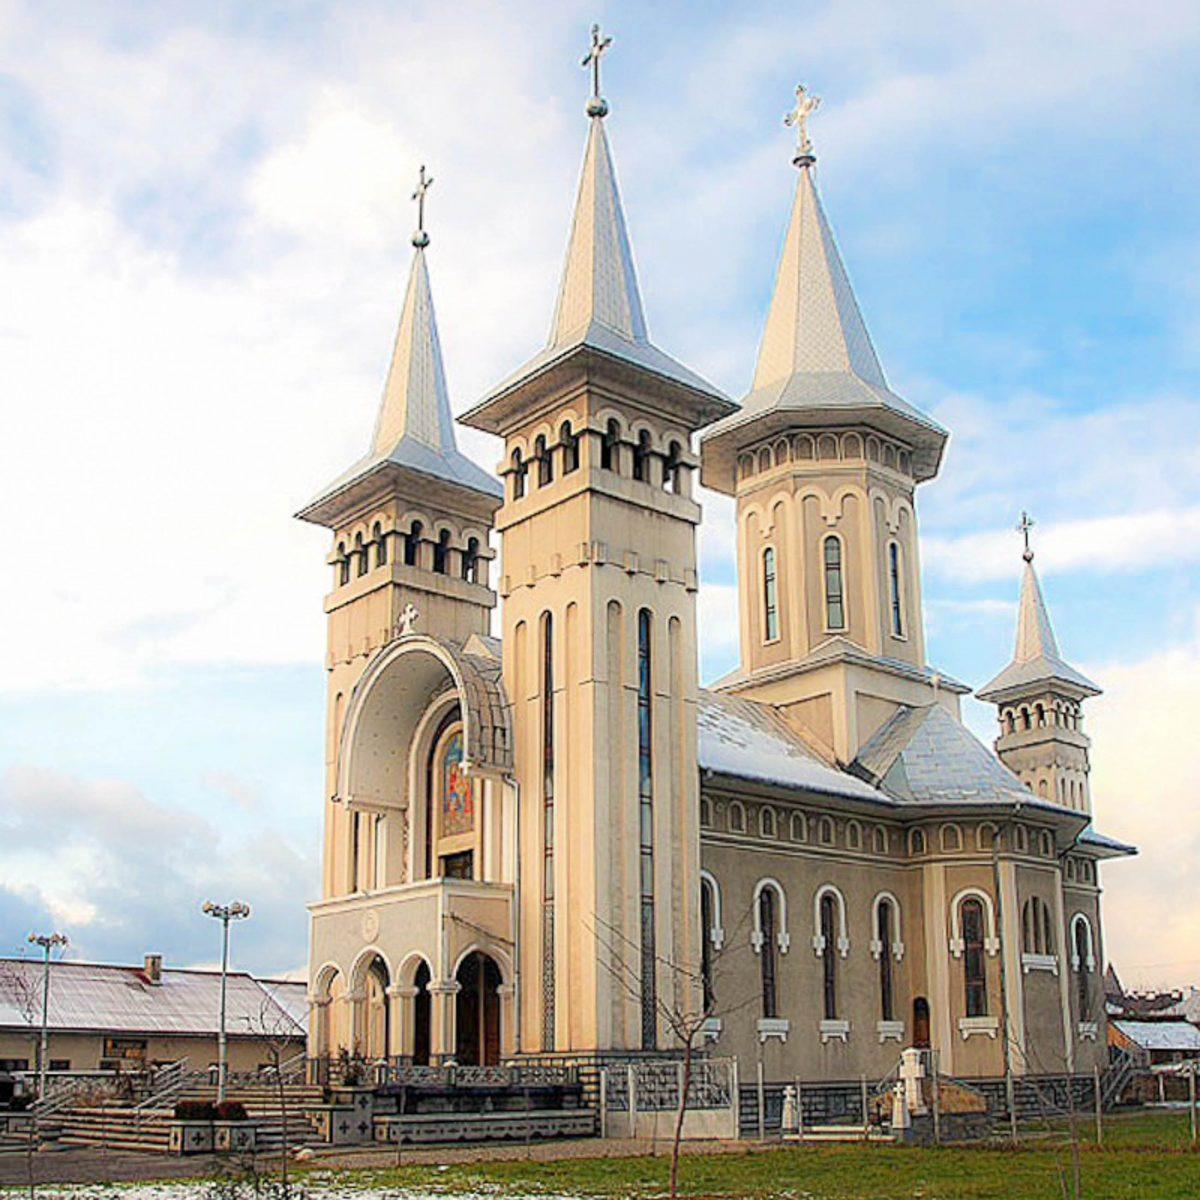 Die orthodoxe Kirche in Sighetu Marmatiei, Rumänien, ist das wohl auffälligste Gebäude der Stadt - © Fuchs / CC BY-SA 3.0/W